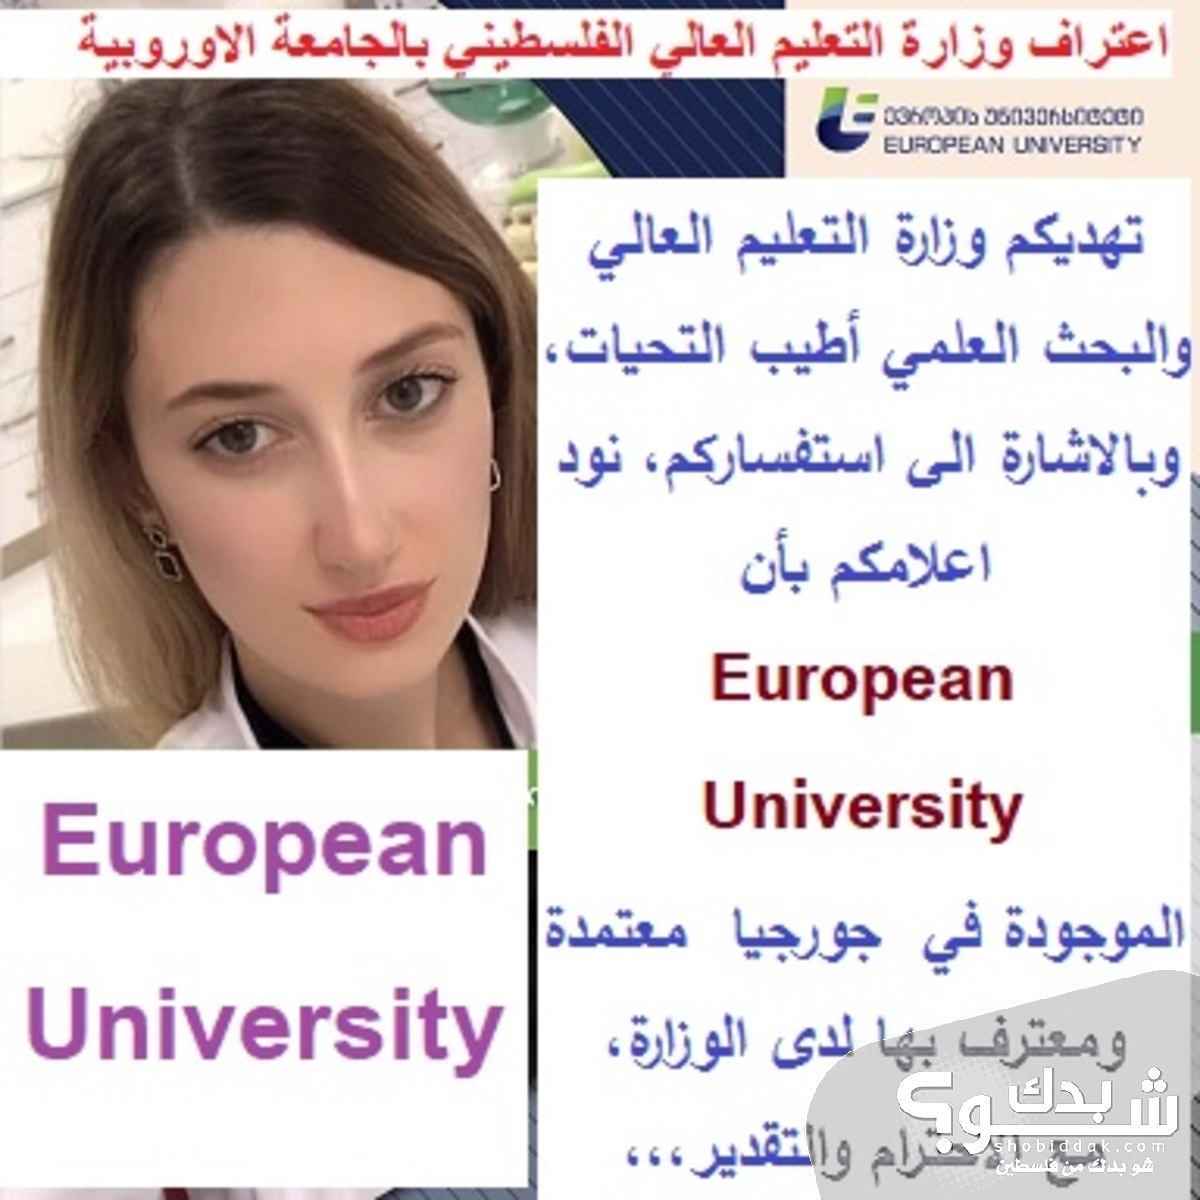 مميزات الدراسة في الجامعة الأوروبية في الجمهورية الجورجية